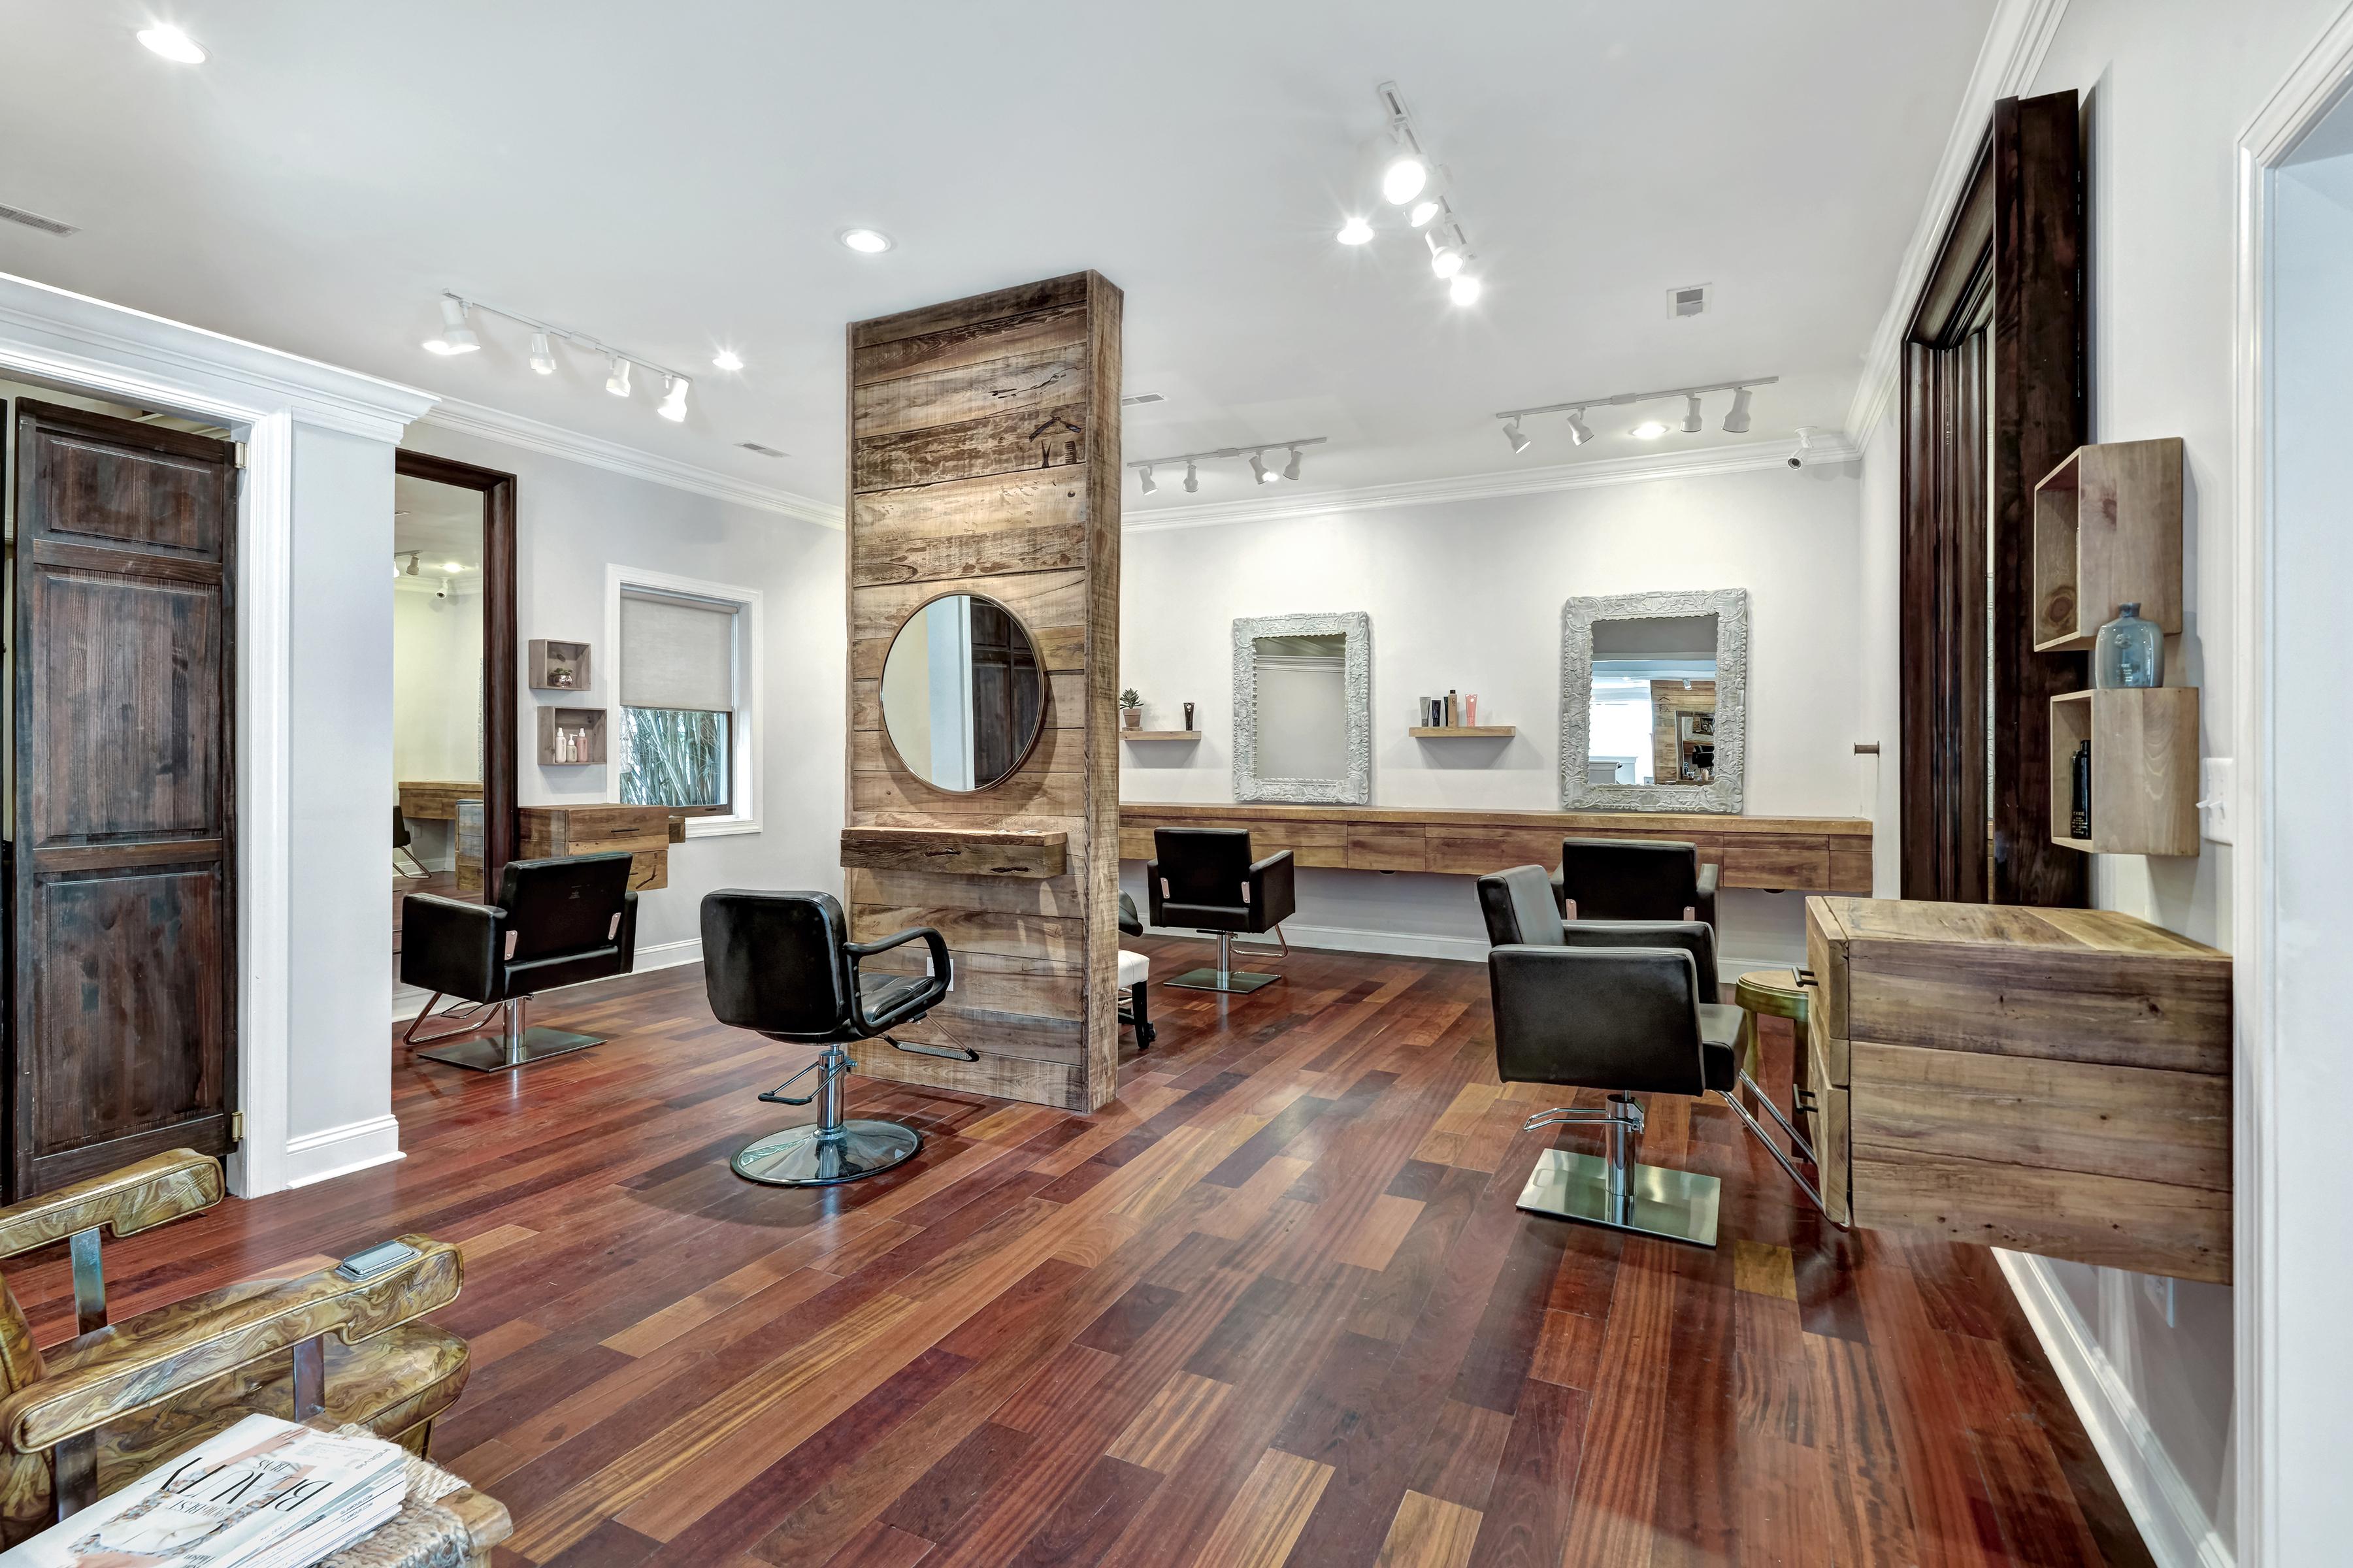 Walk In Hair Salon Services Charleston Sc Tabula Rasa Salon